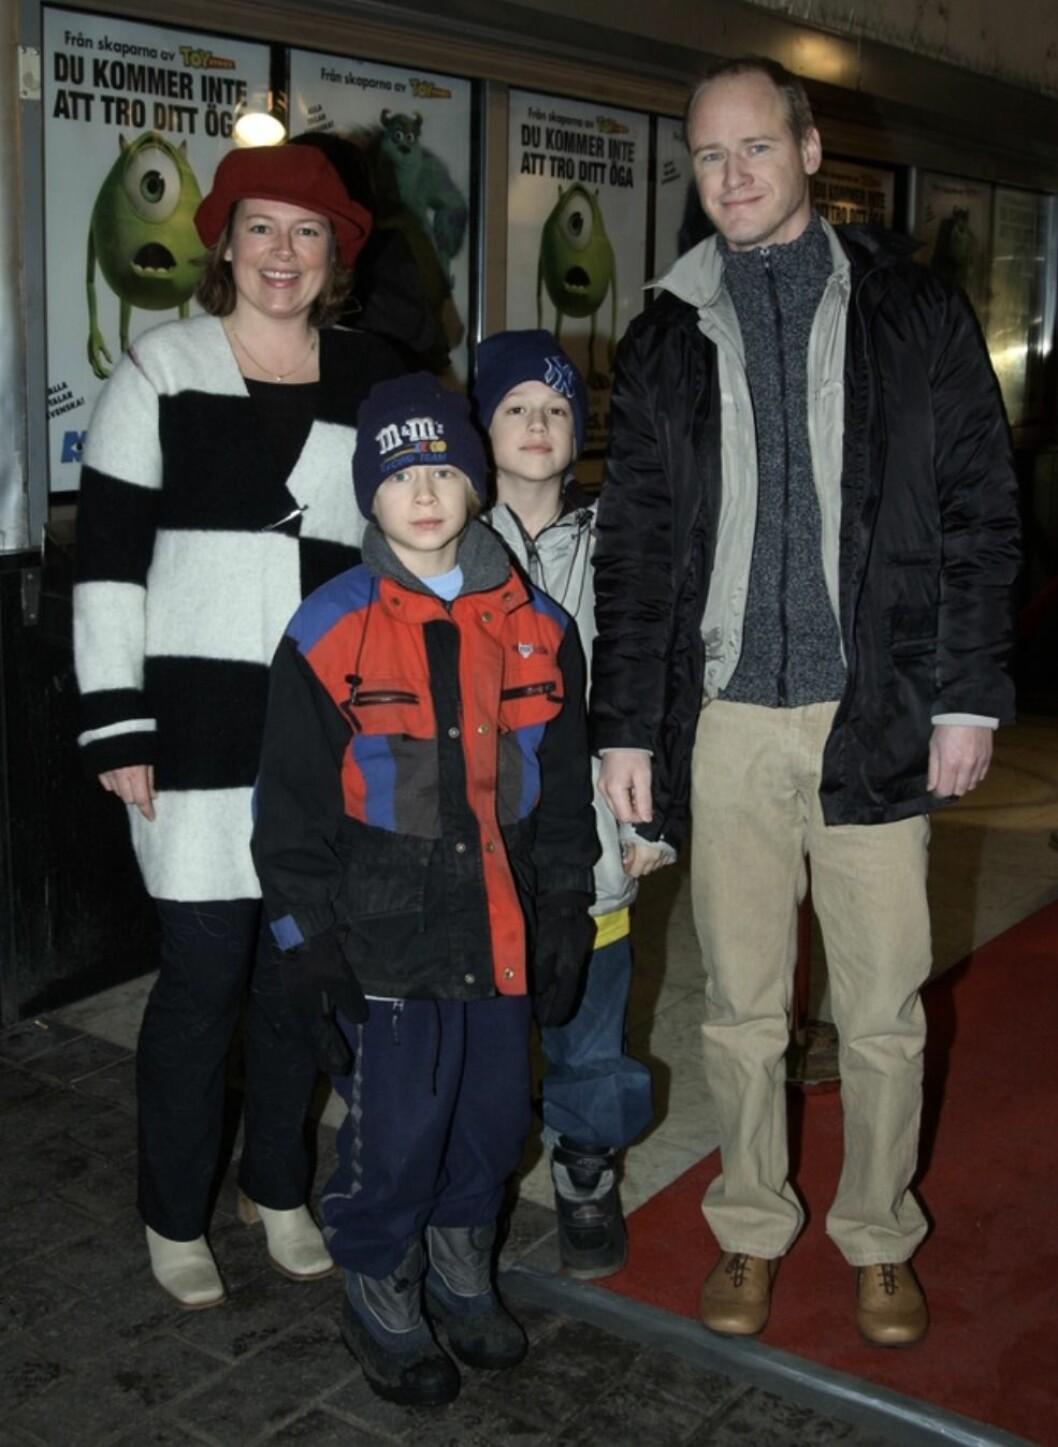 Robert Gustafsson med frun Lotta och barnen Valentin och John på Monsters Inc premiär